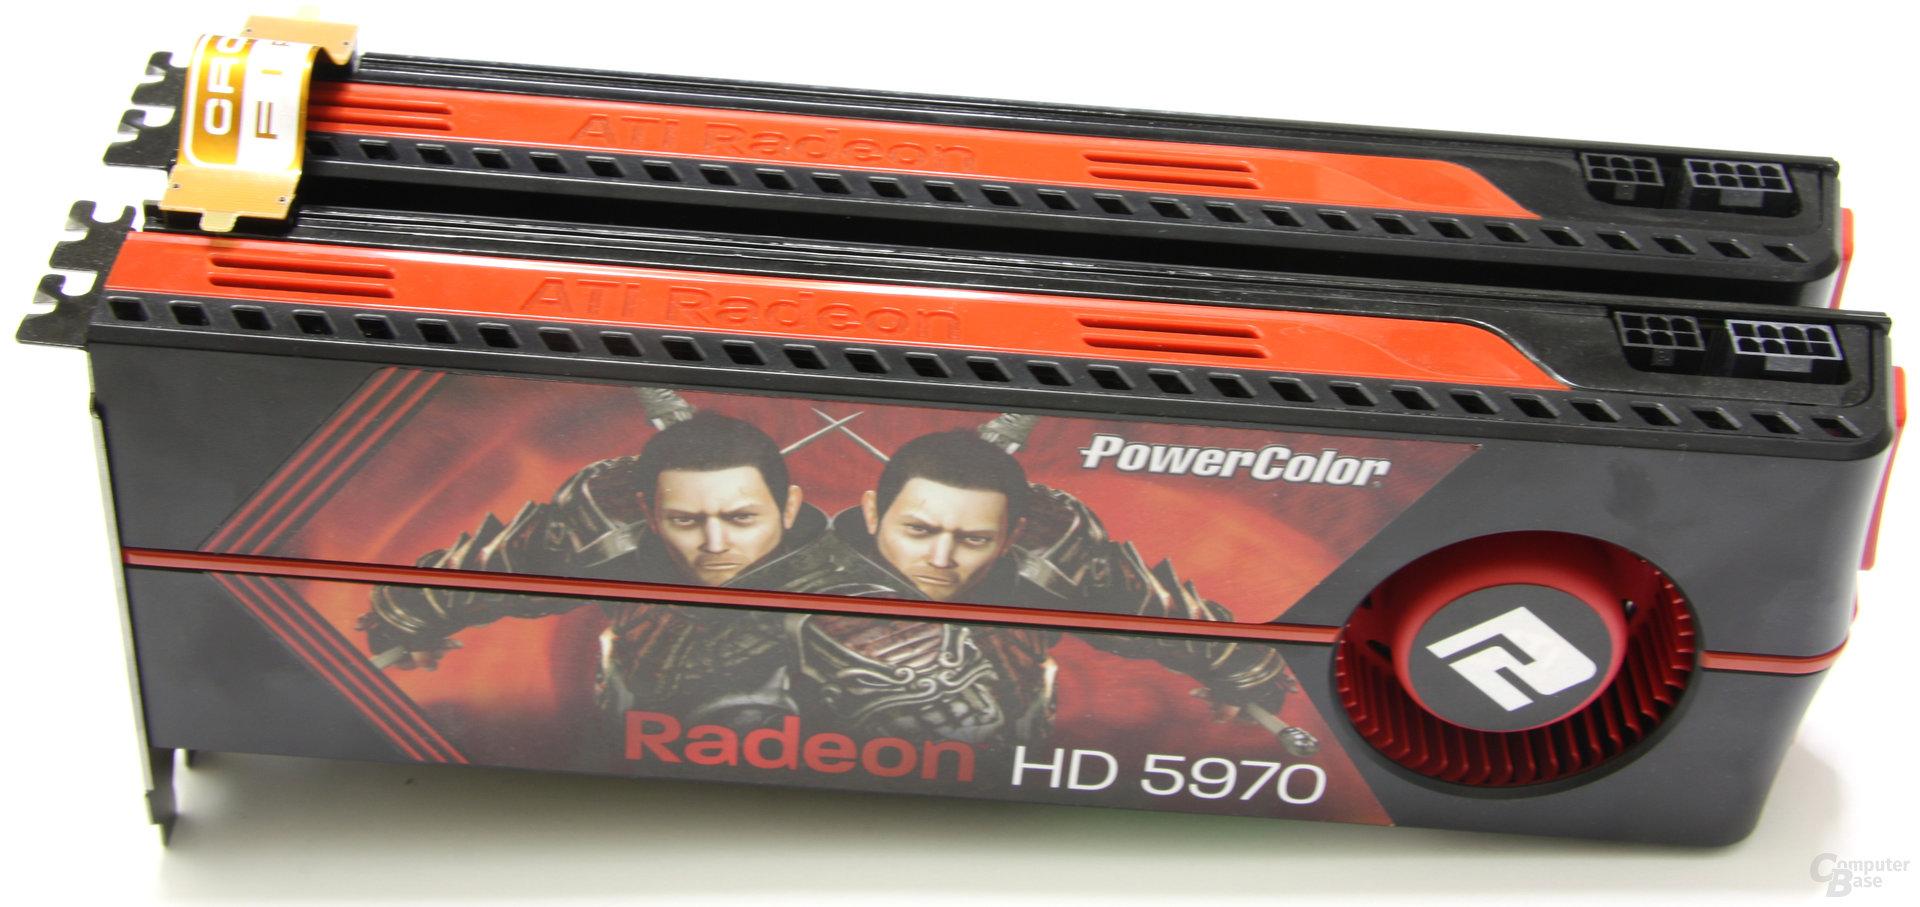 PowerColor Radeon HD 5970 CrossFire